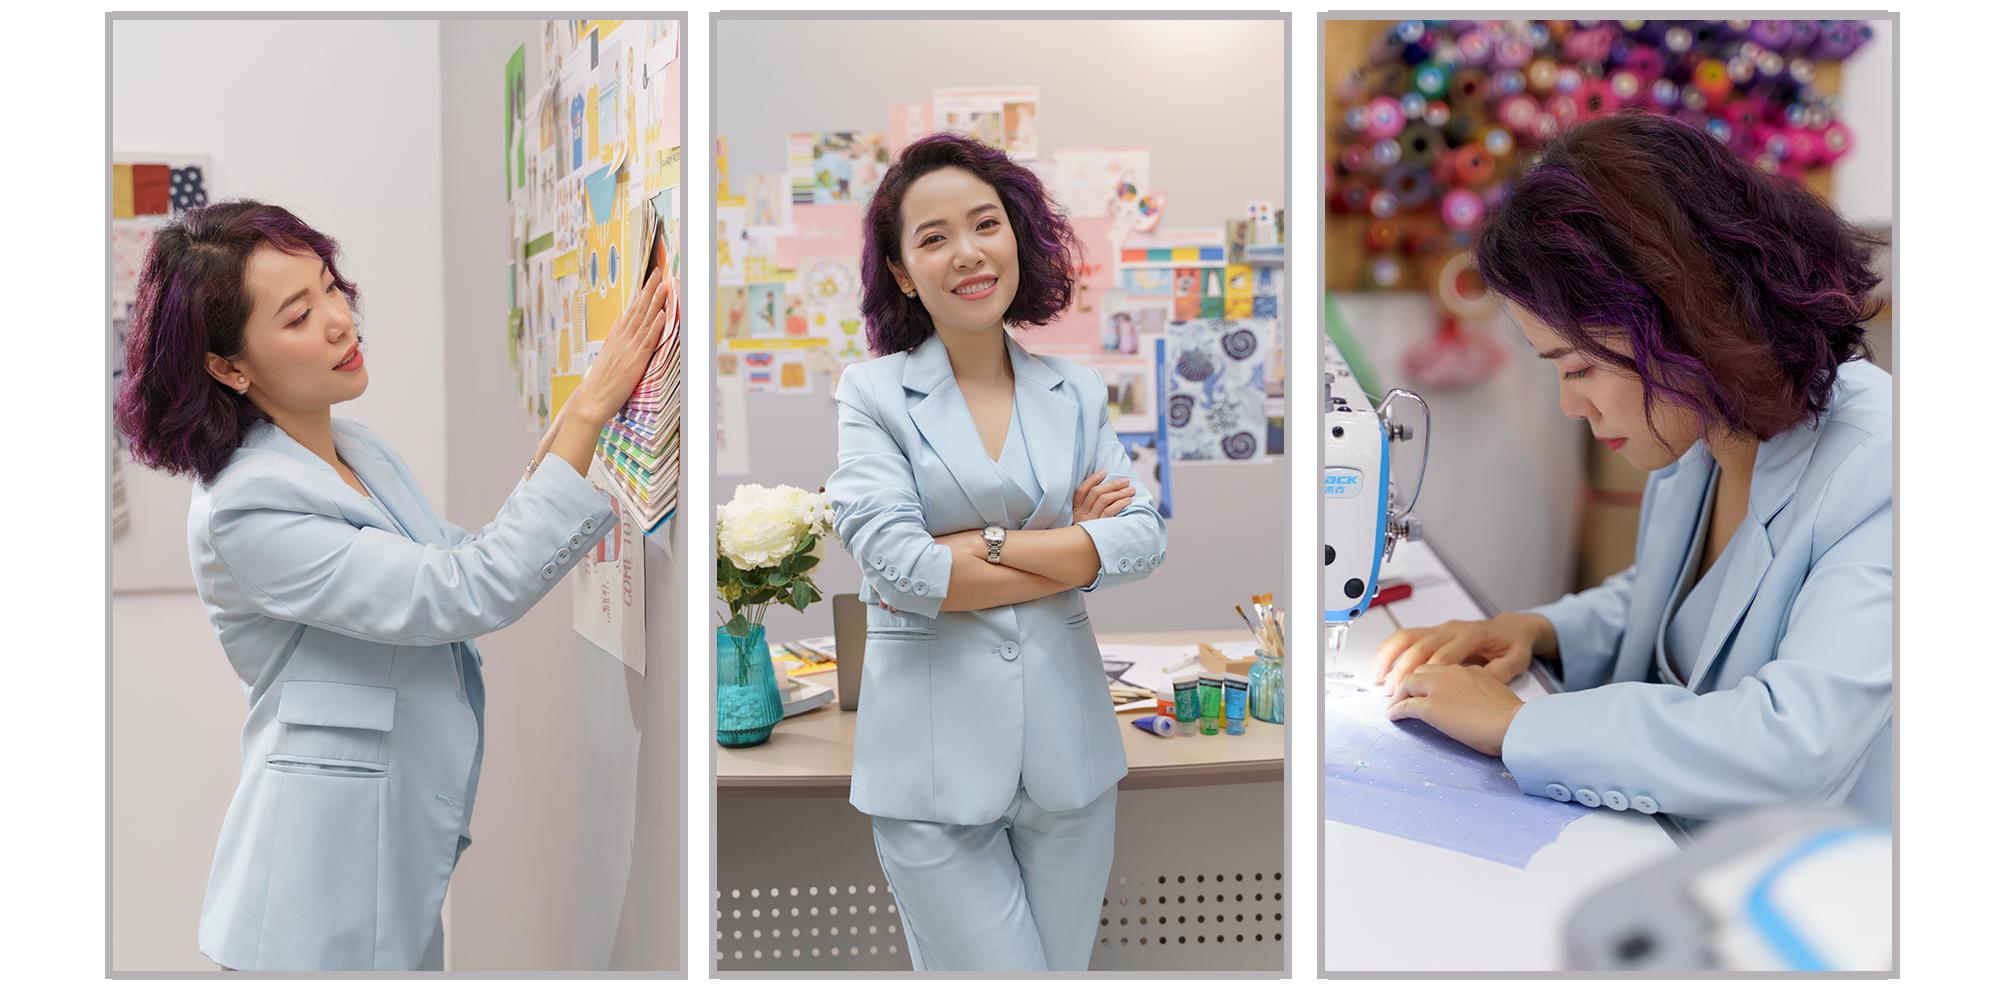 Ks Closet: Giấc mơ xây dựng thương hiệu thời trang trẻ em hàng đầu Việt Nam - 10